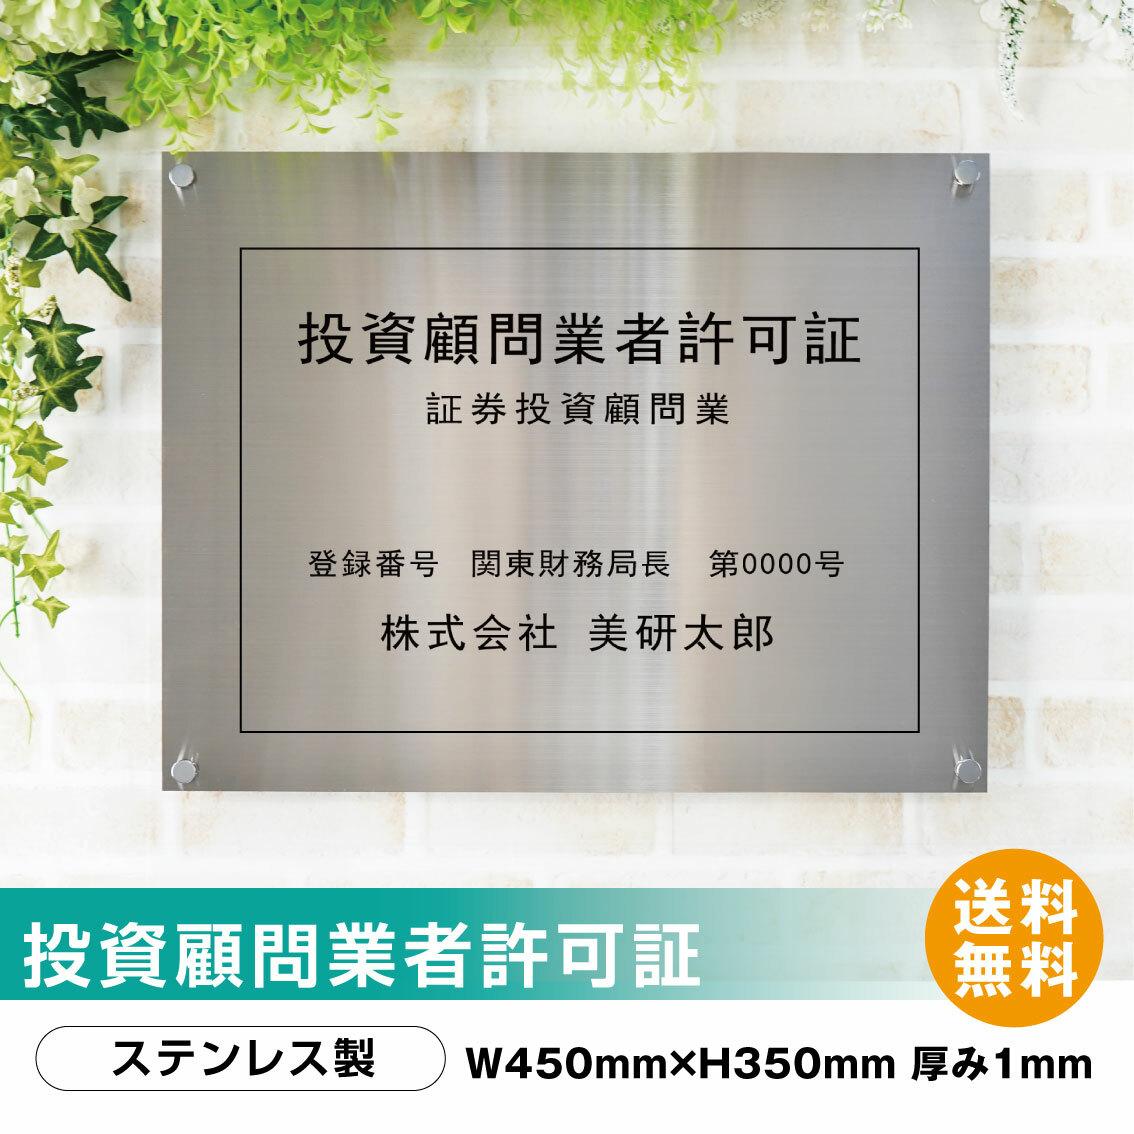 投資顧問業者許可証 ステンレス製 ヘアライン 高級感 シンプル 丈夫 UV印刷 内容印刷込 ステンレス 高級ステンレス製看板 直送商品 化粧ビス4個付き W450×H350mm 厚み1mm 驚きの値段